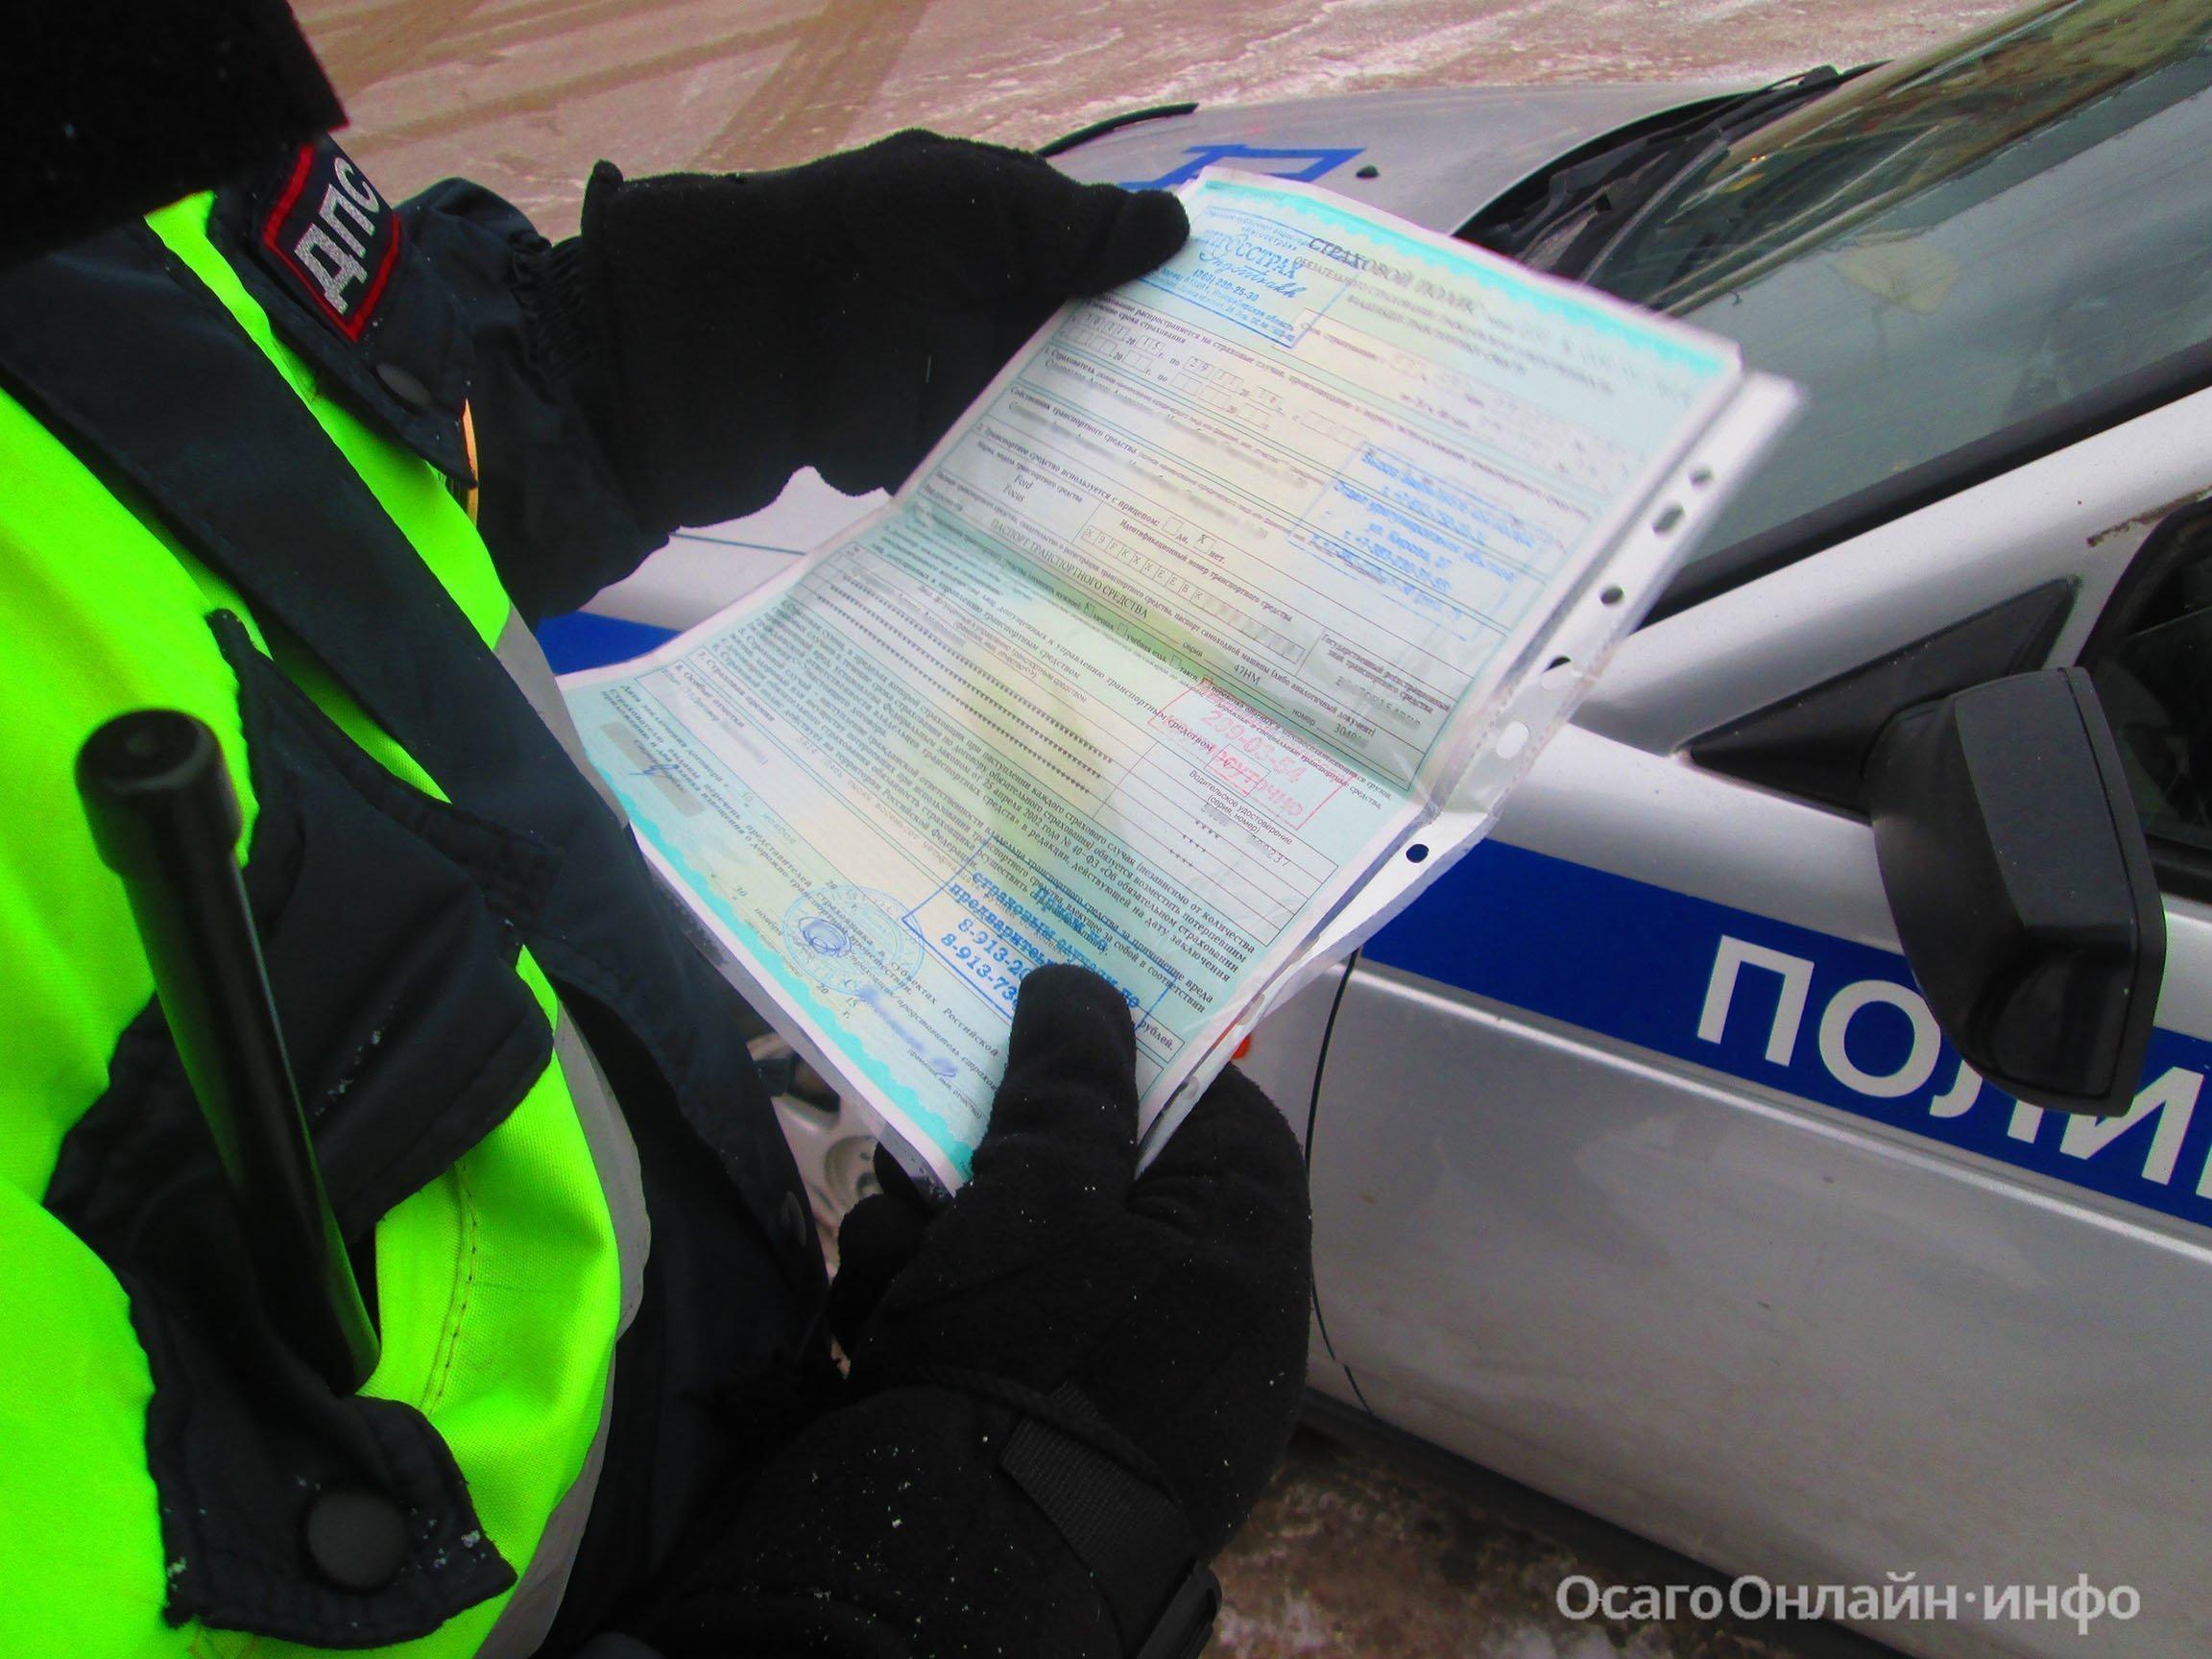 Менее бумаг. Полисы ОСАГО планируют на100% перевести вэлектронный вид